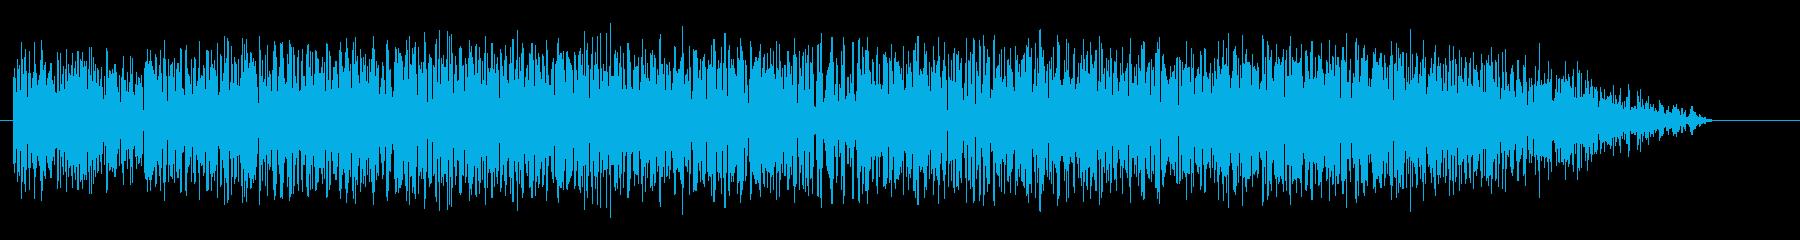 風が吹いている音の再生済みの波形